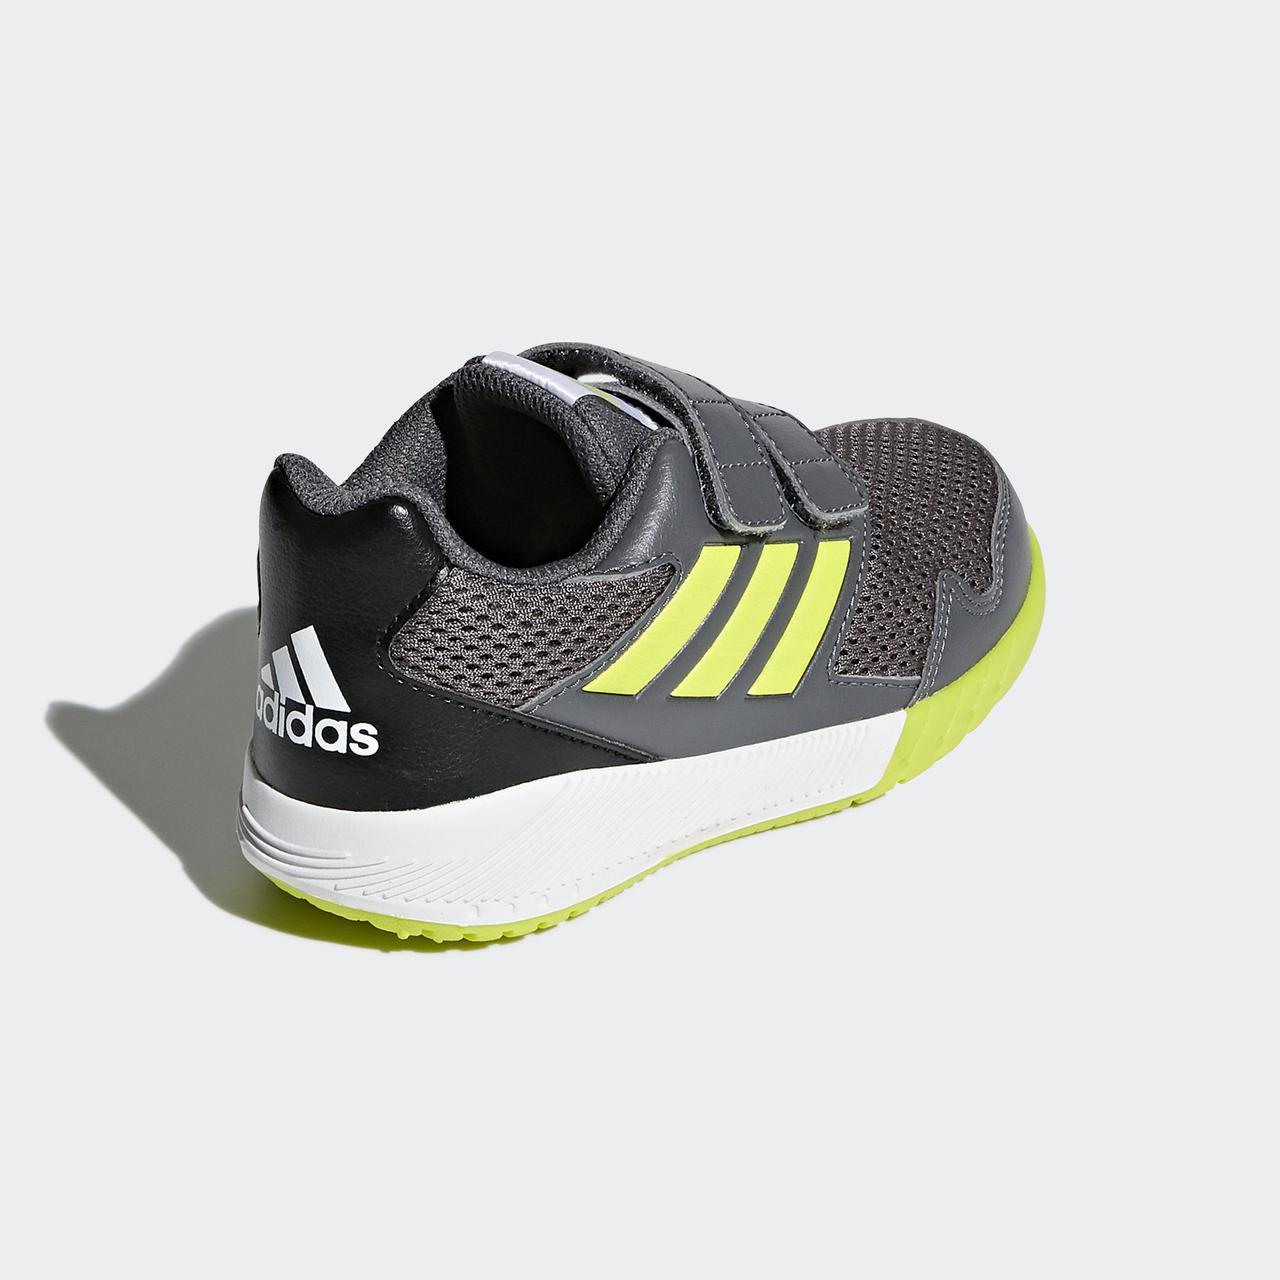 Купить Детские кроссовки Adidas Performance Altarun (Артикул  CQ0033 ... c7184db1e65ff